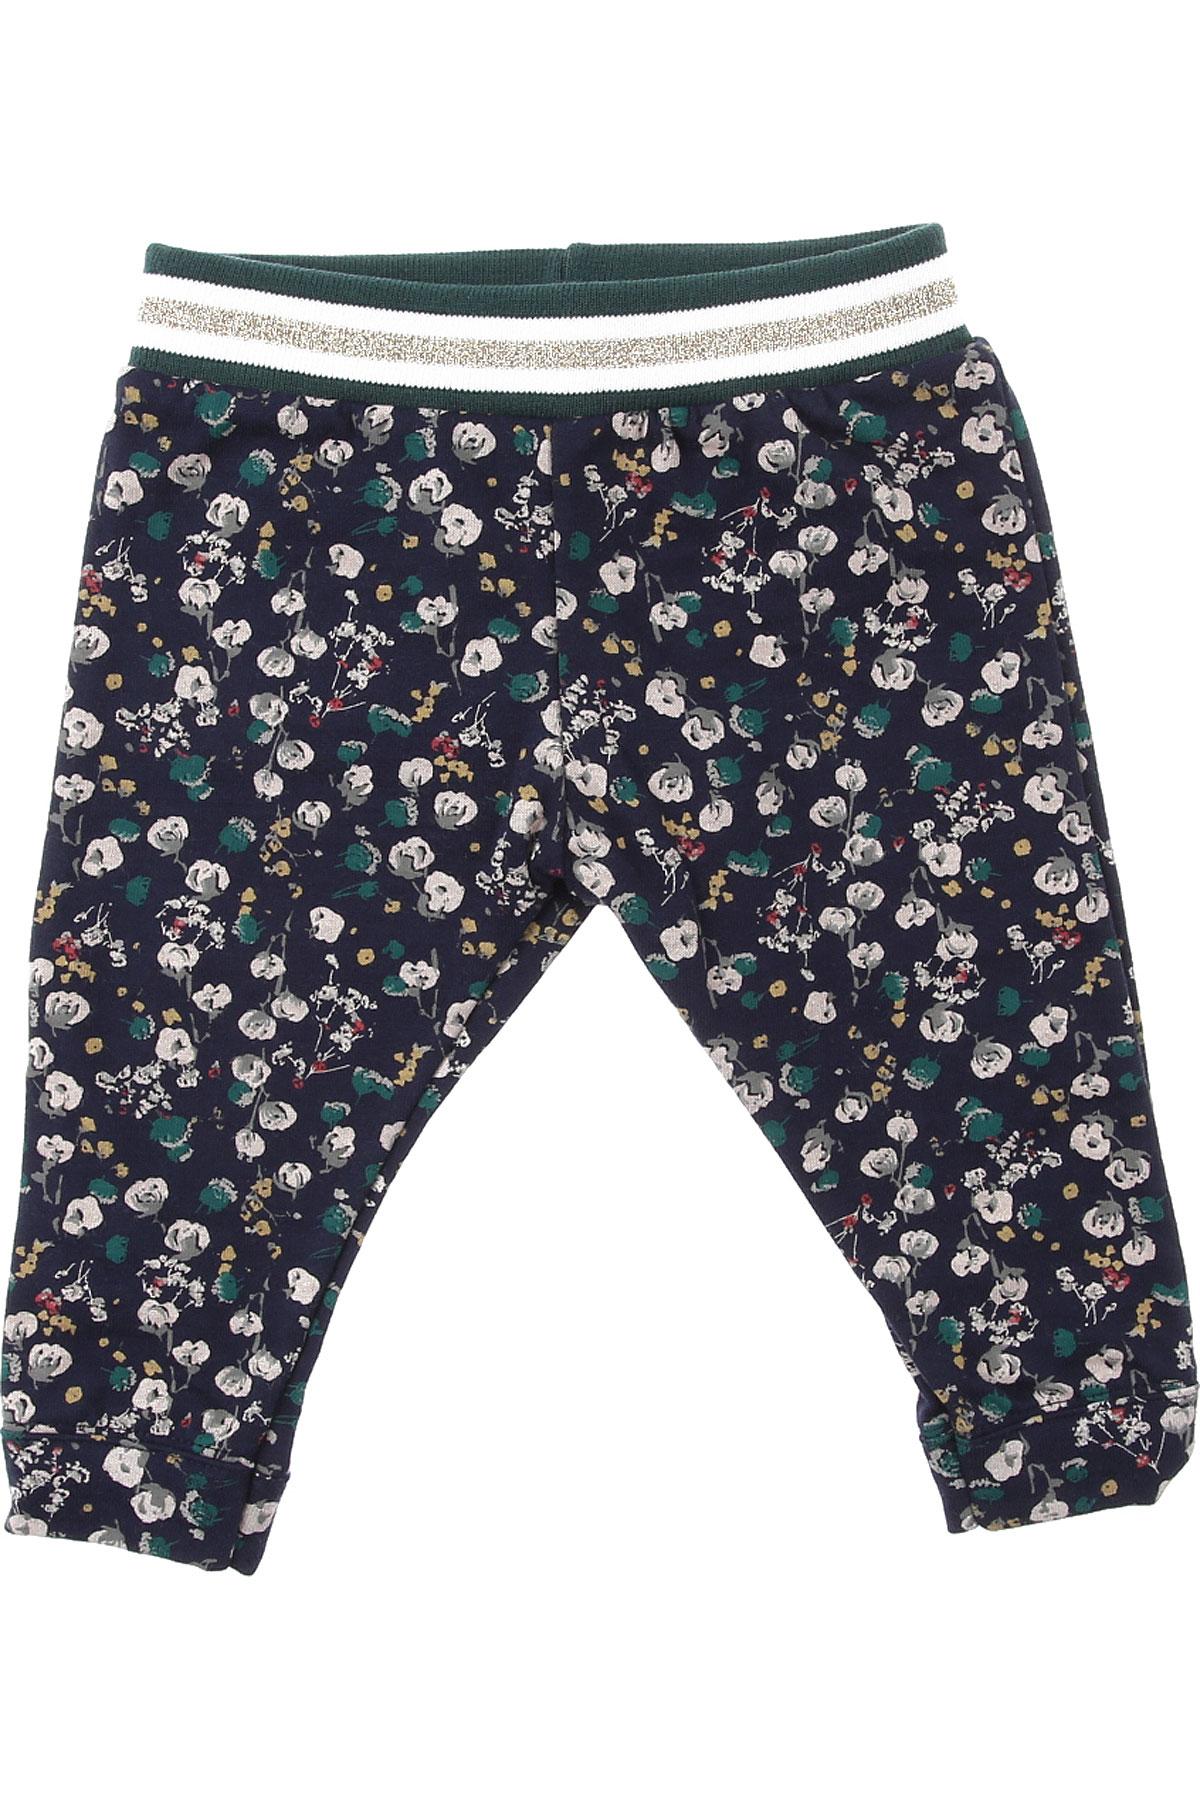 Petit Bateau Baby Sweatpants for Girls On Sale, Dark Blue, Cotton, 2019, 18M 2Y 6M